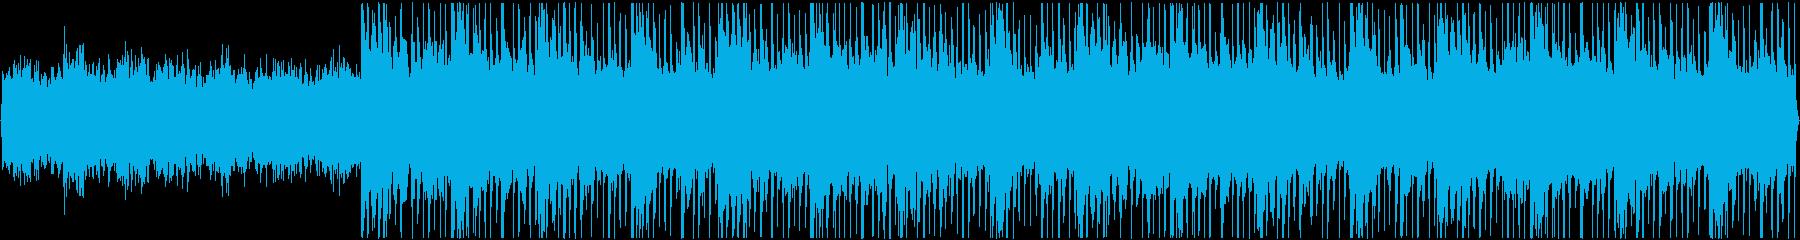 神秘的で荘厳な曲の再生済みの波形